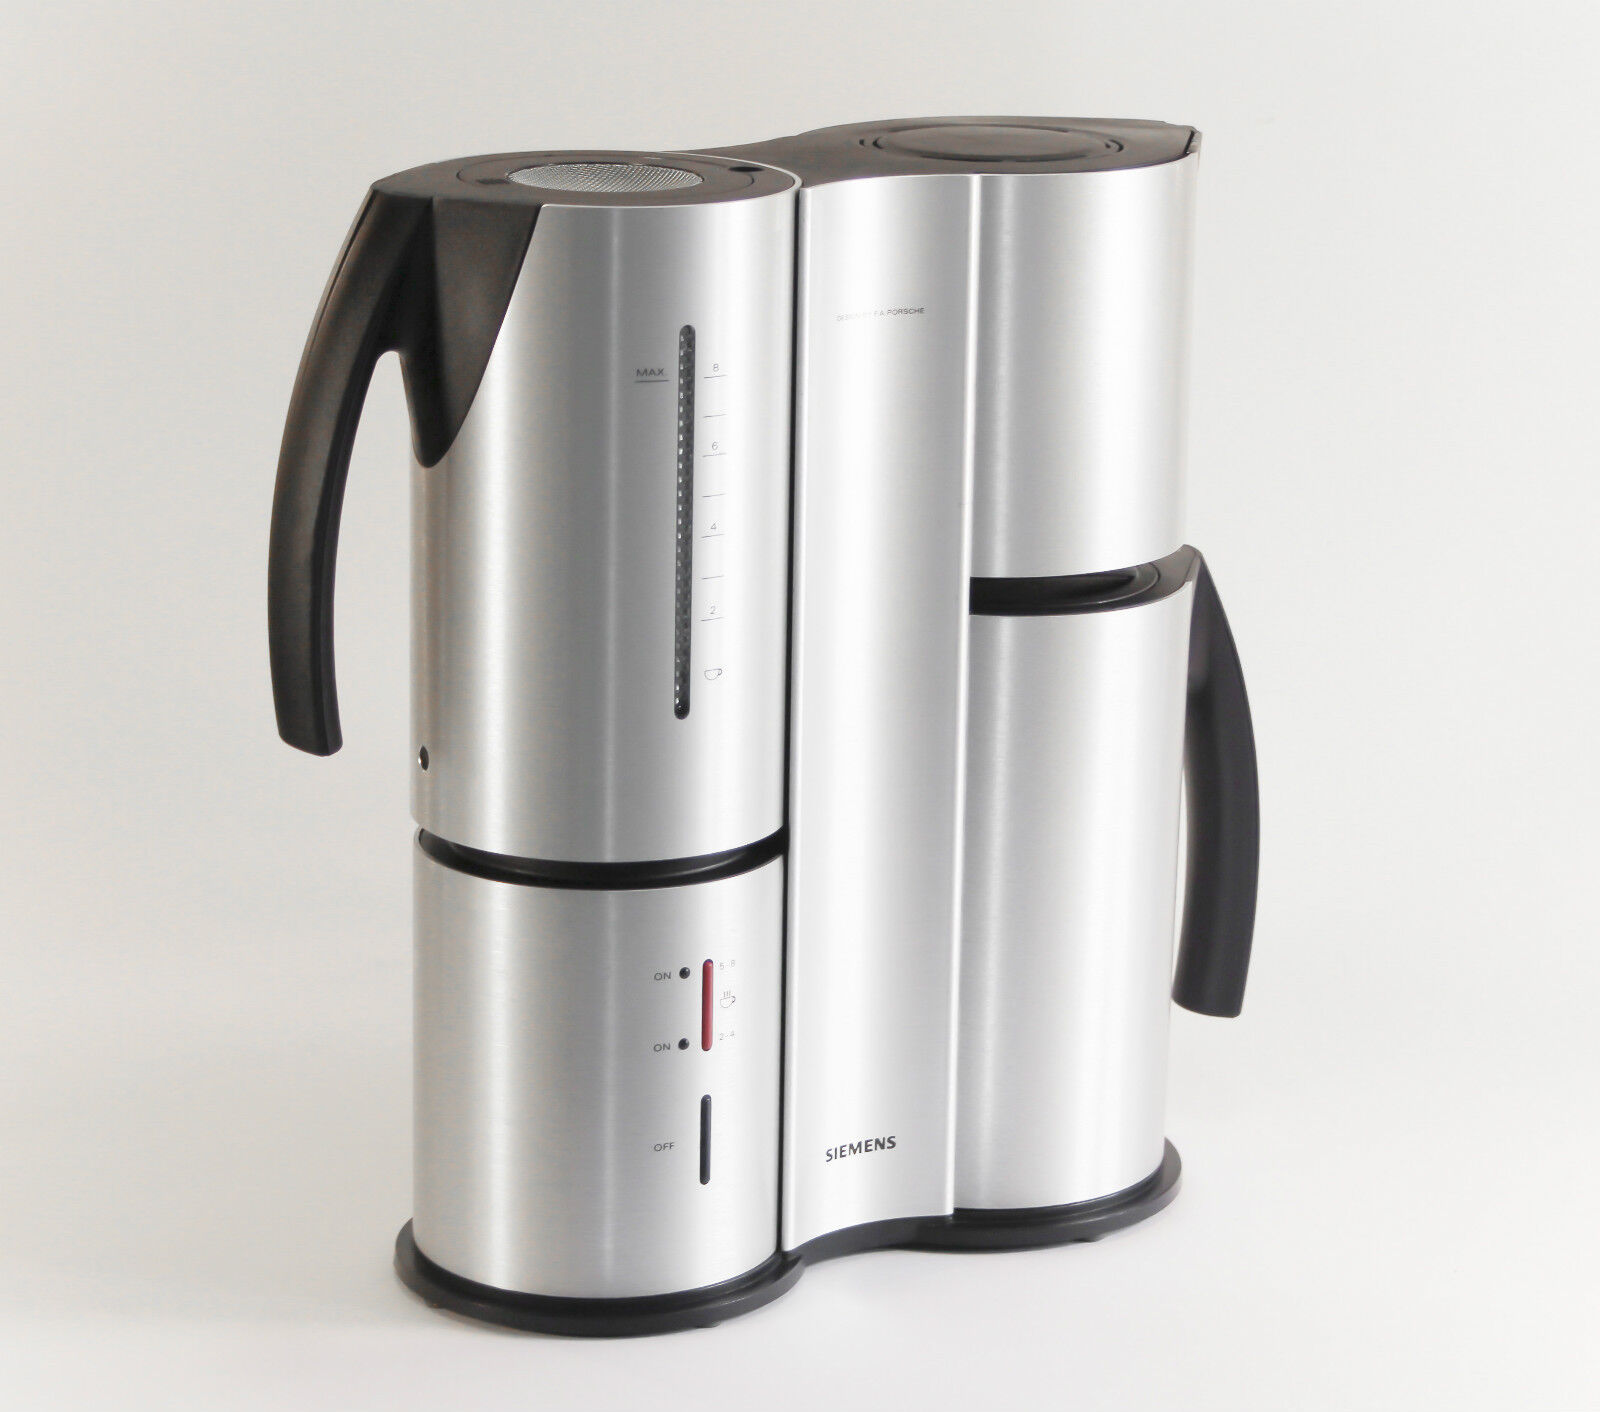 Top siemens porsche design kaffeemaschine 1jahr for Design versand